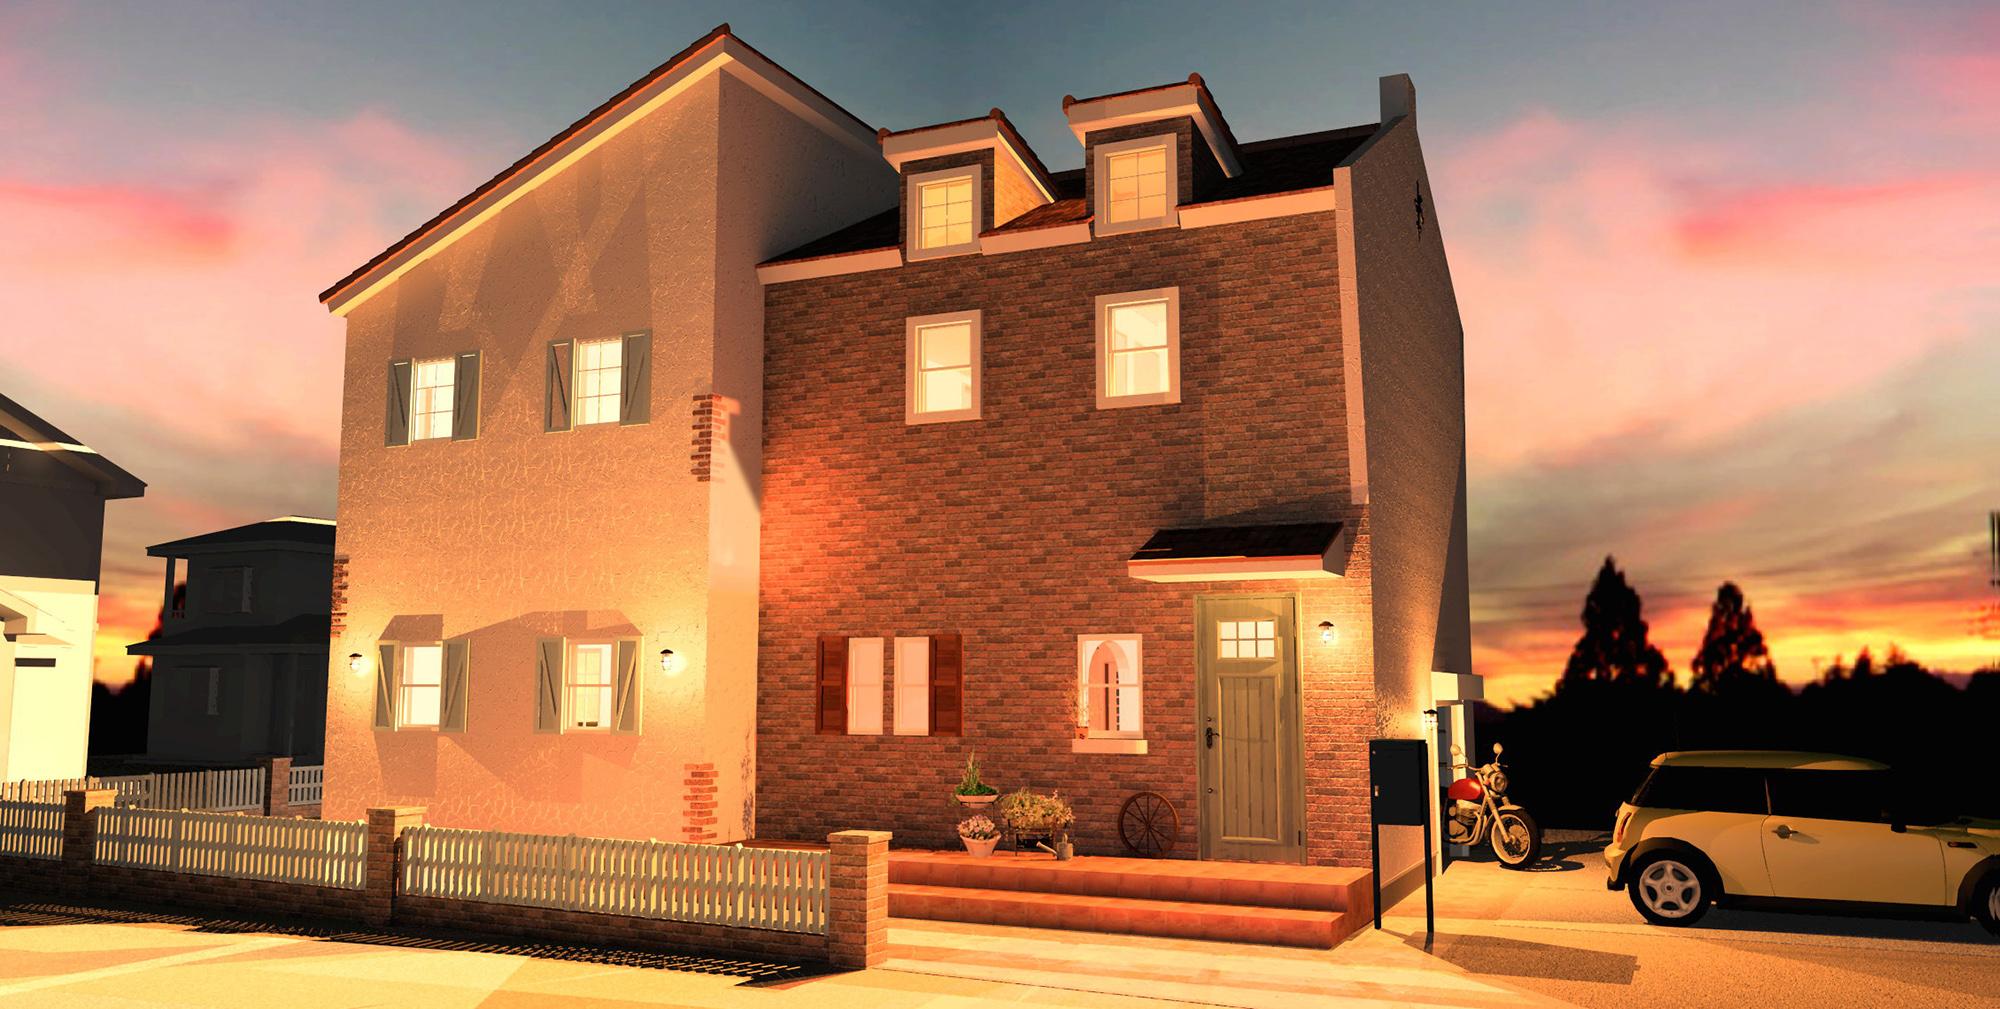 夜景が楽しみになるフレンチスタイルの家